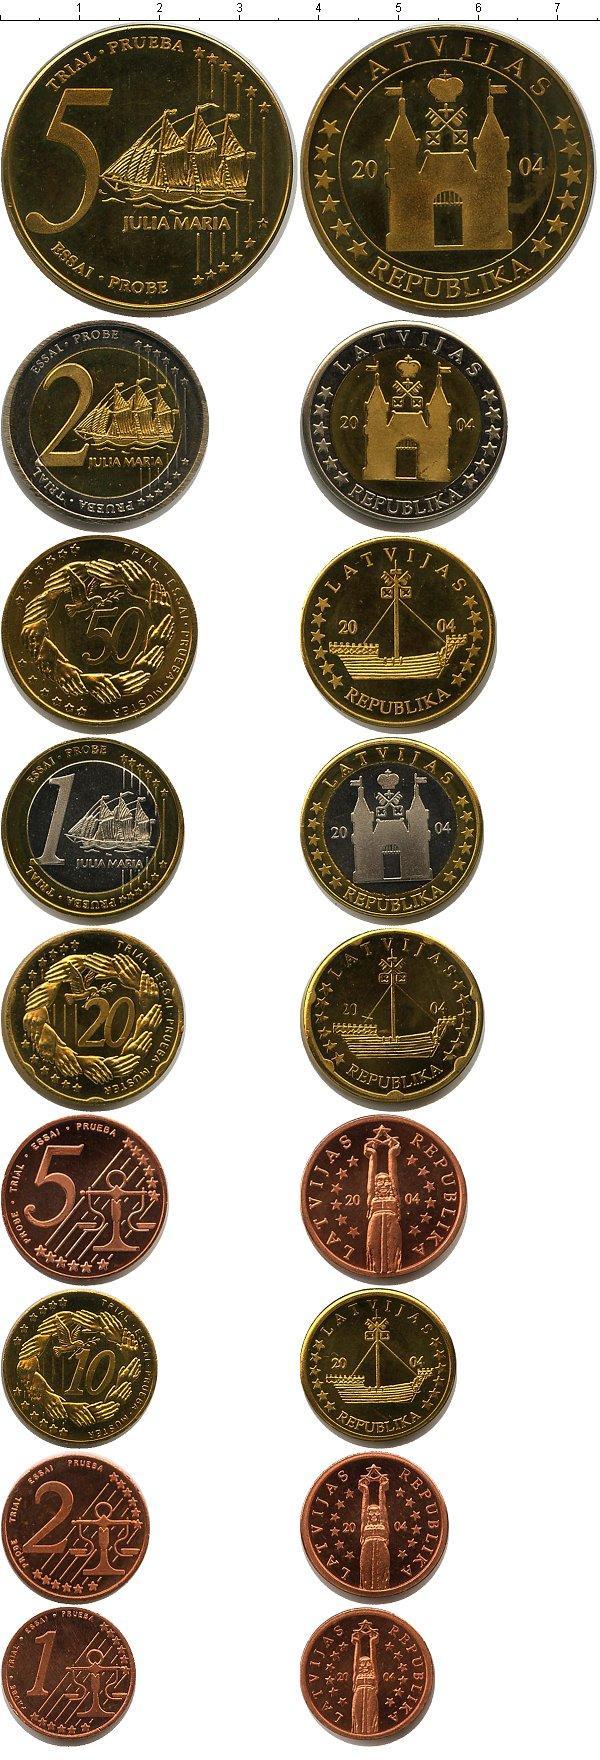 Каталог монет - Латвия Пробный евронабор 2004